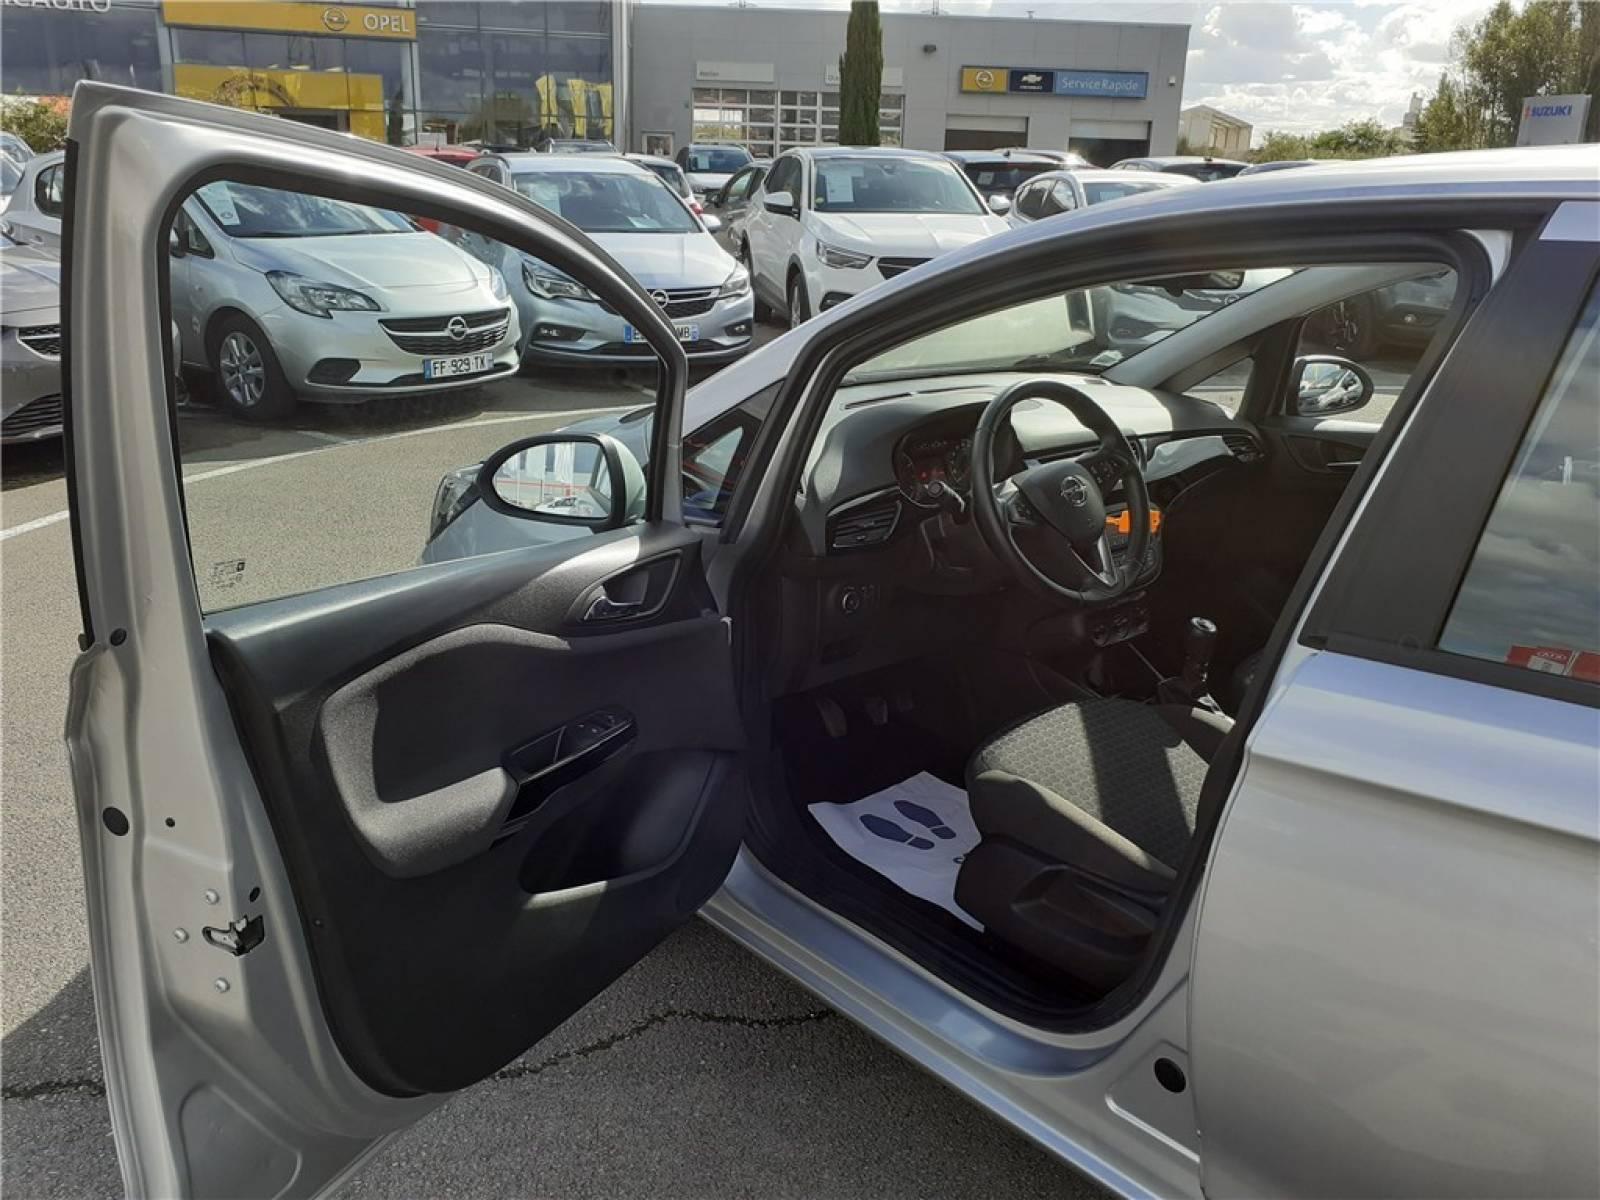 OPEL Corsa 1.4 90 ch - véhicule d'occasion - Groupe Guillet - Opel Magicauto - Chalon-sur-Saône - 71380 - Saint-Marcel - 16